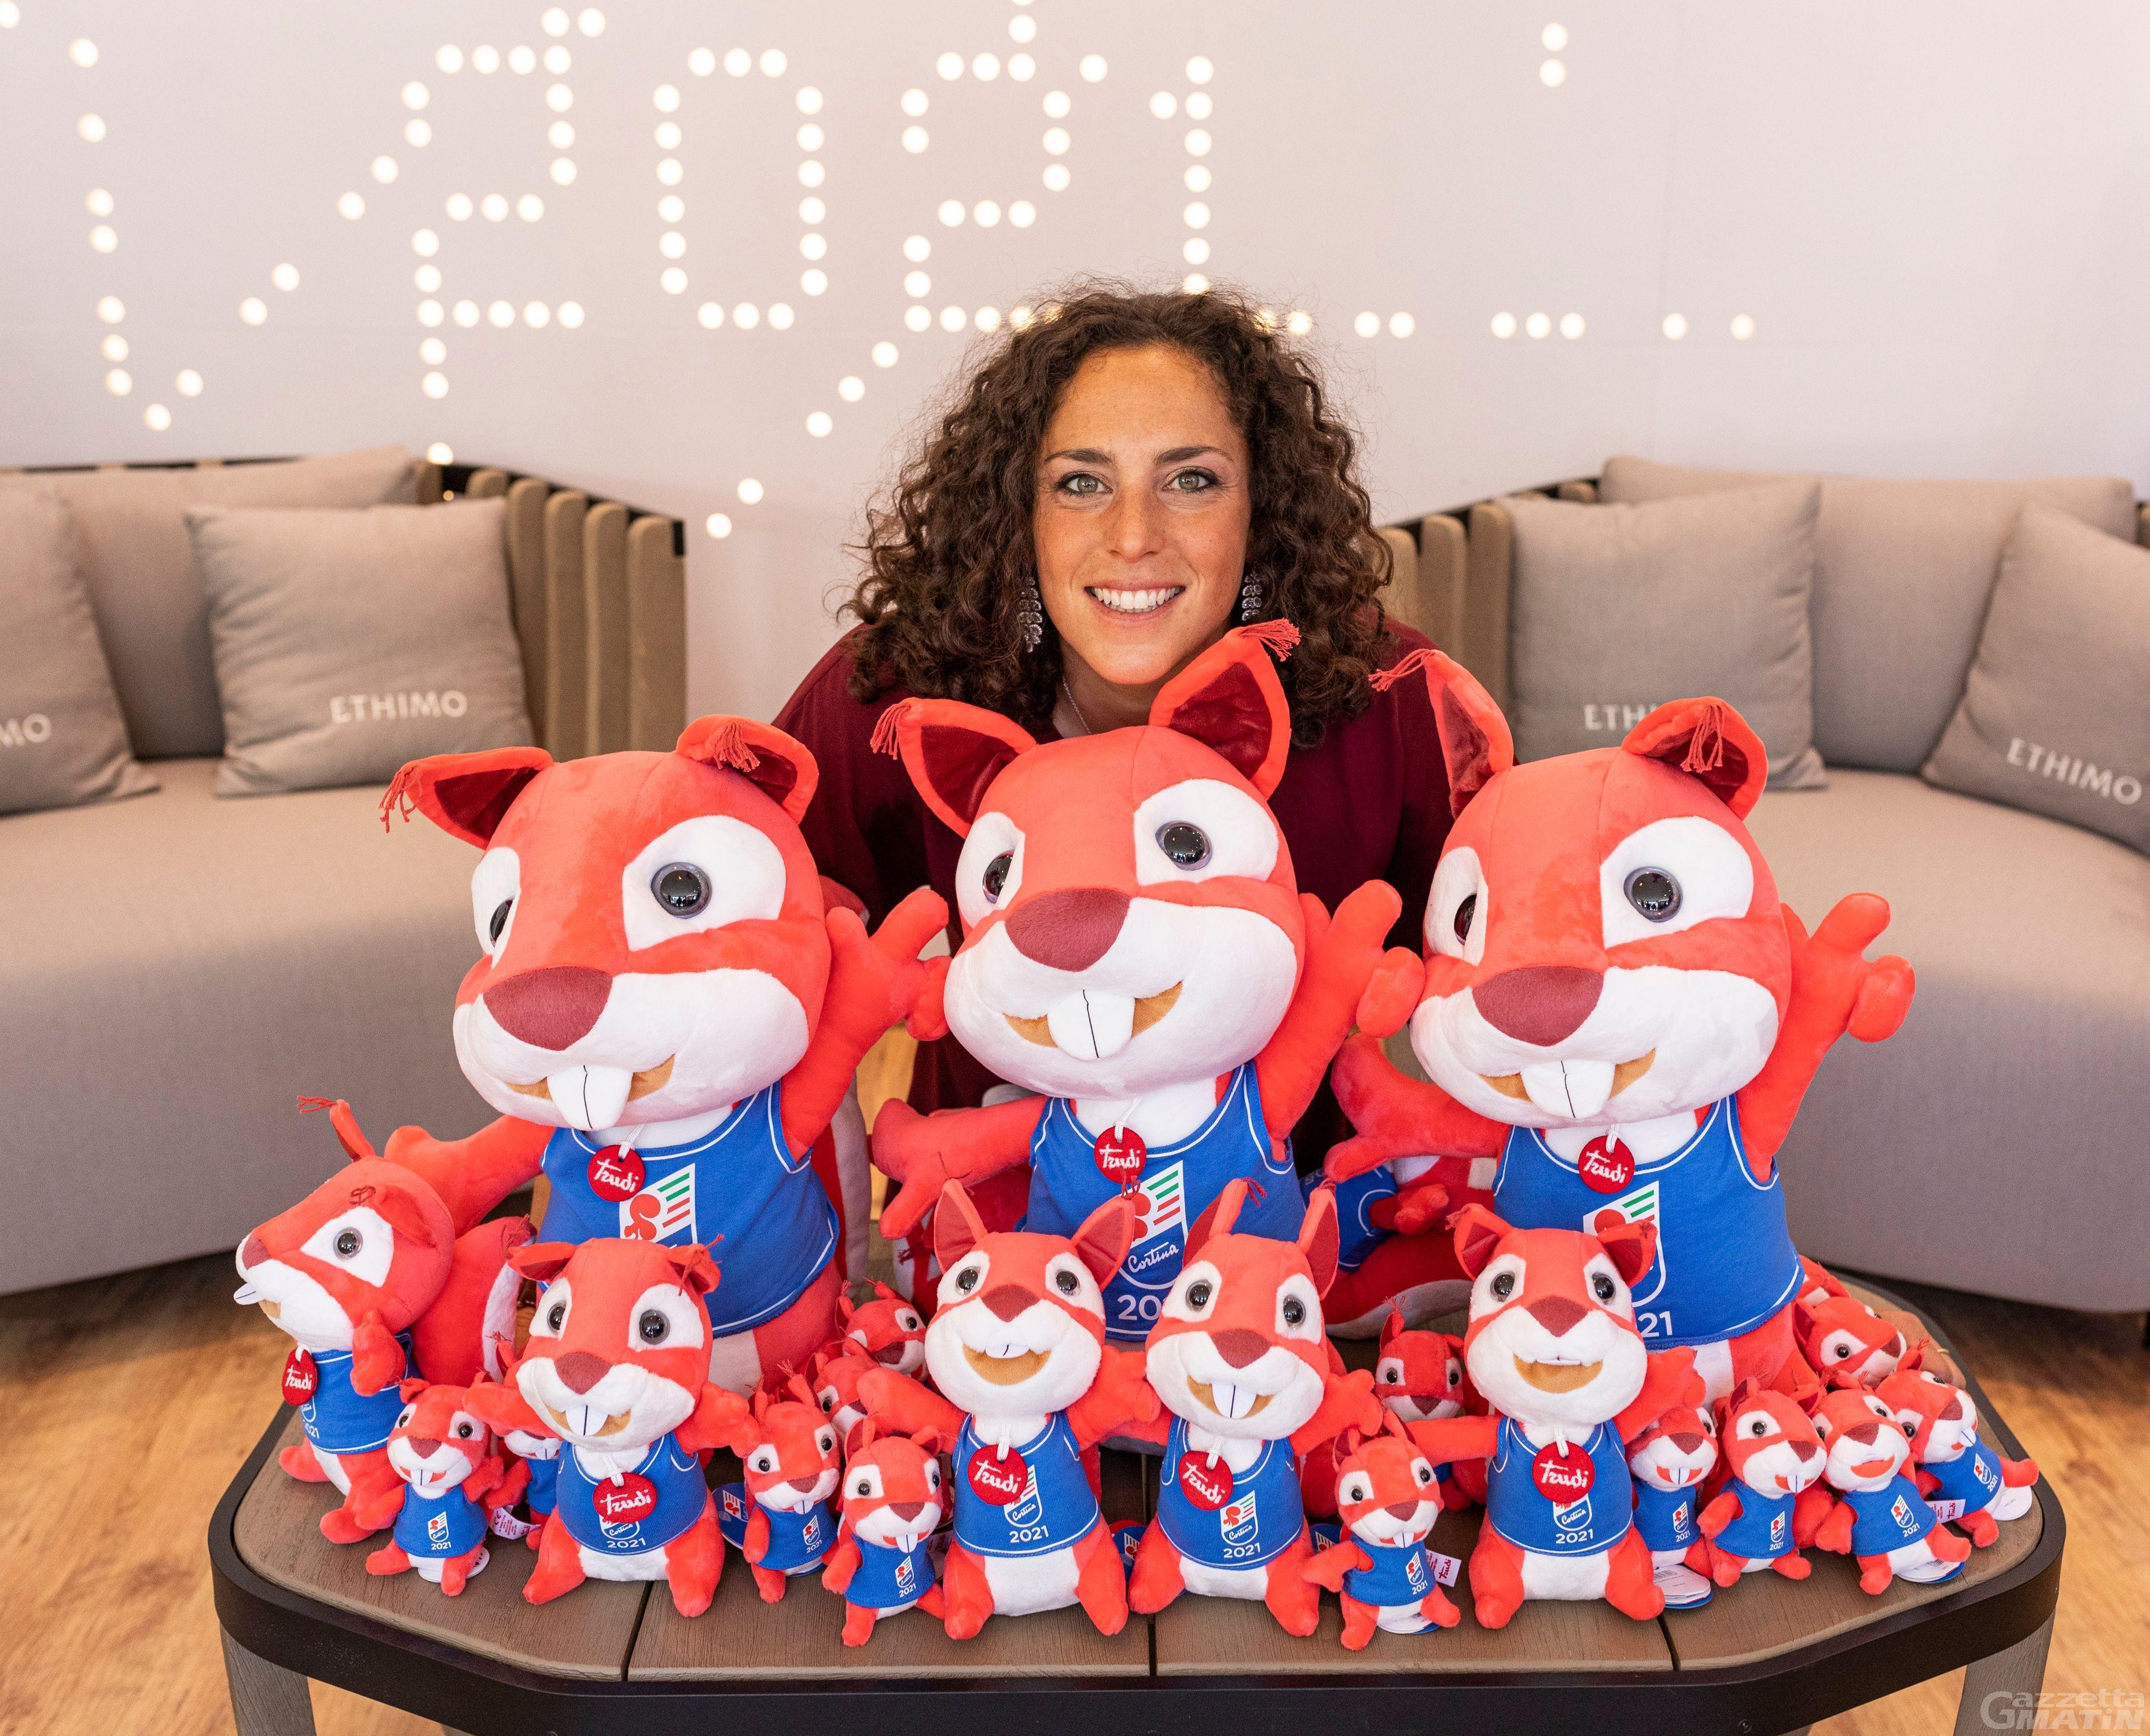 Federica Brignone ambassador di Corty, la mascotte dei Mondiali di sci di Cortina del 2021